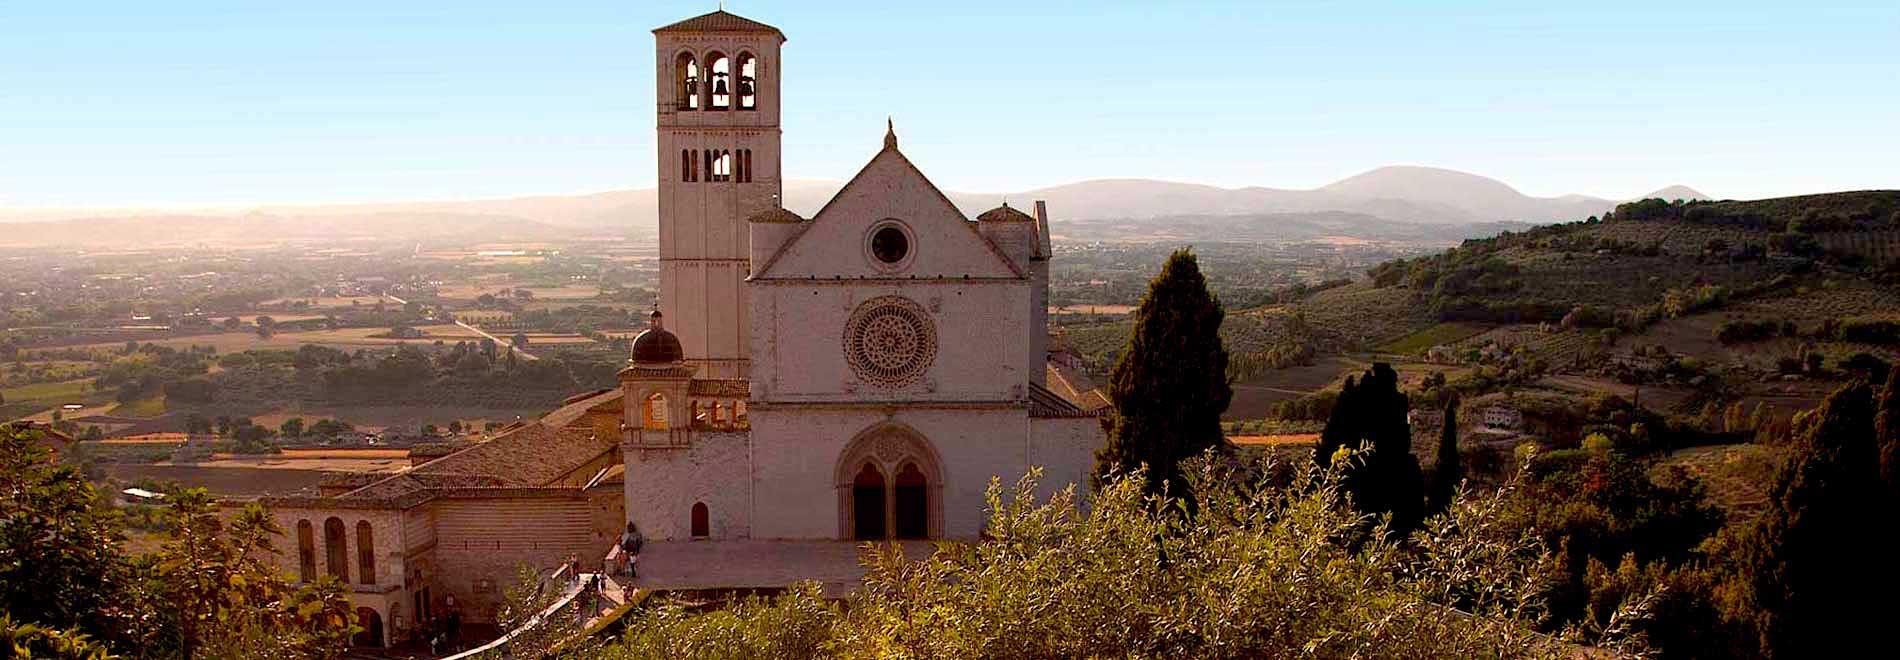 20170423 scscnctn39219 id124917 basilica facciata - NOS VAMOS A ASÍS, ¿TE VIENES? (Del 19 al 26 de agosto) - hermandadblanca.org